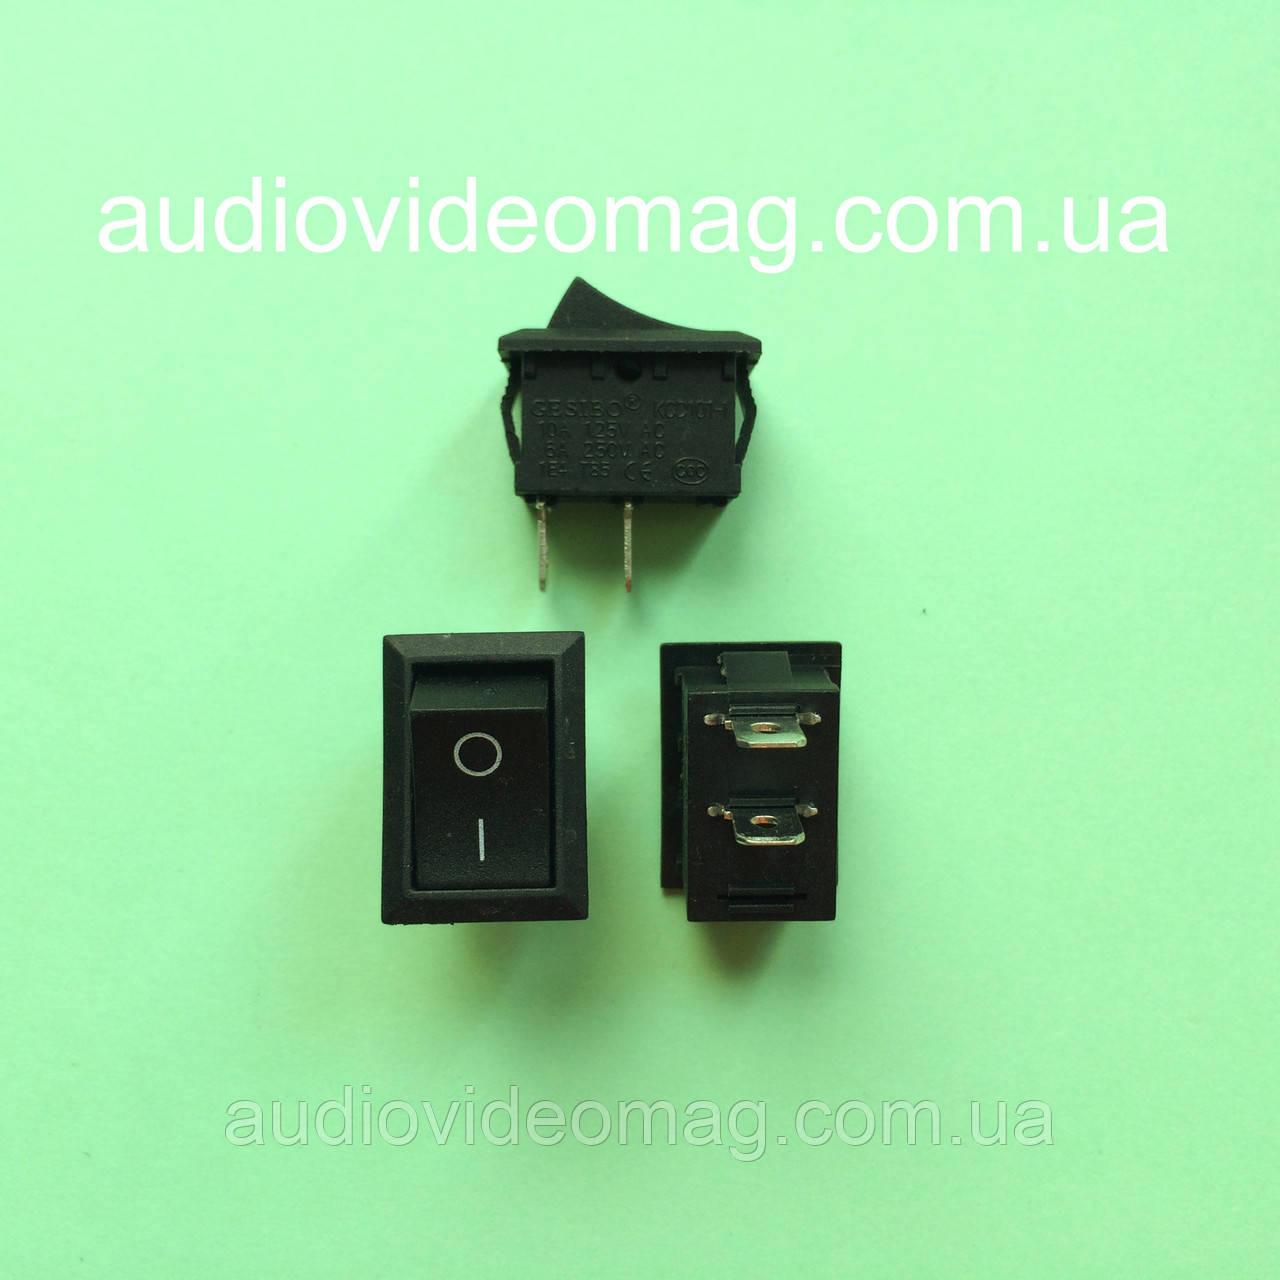 Мини переключатель клавишный  250V 6A, 18.8 х 12.9 мм, черный